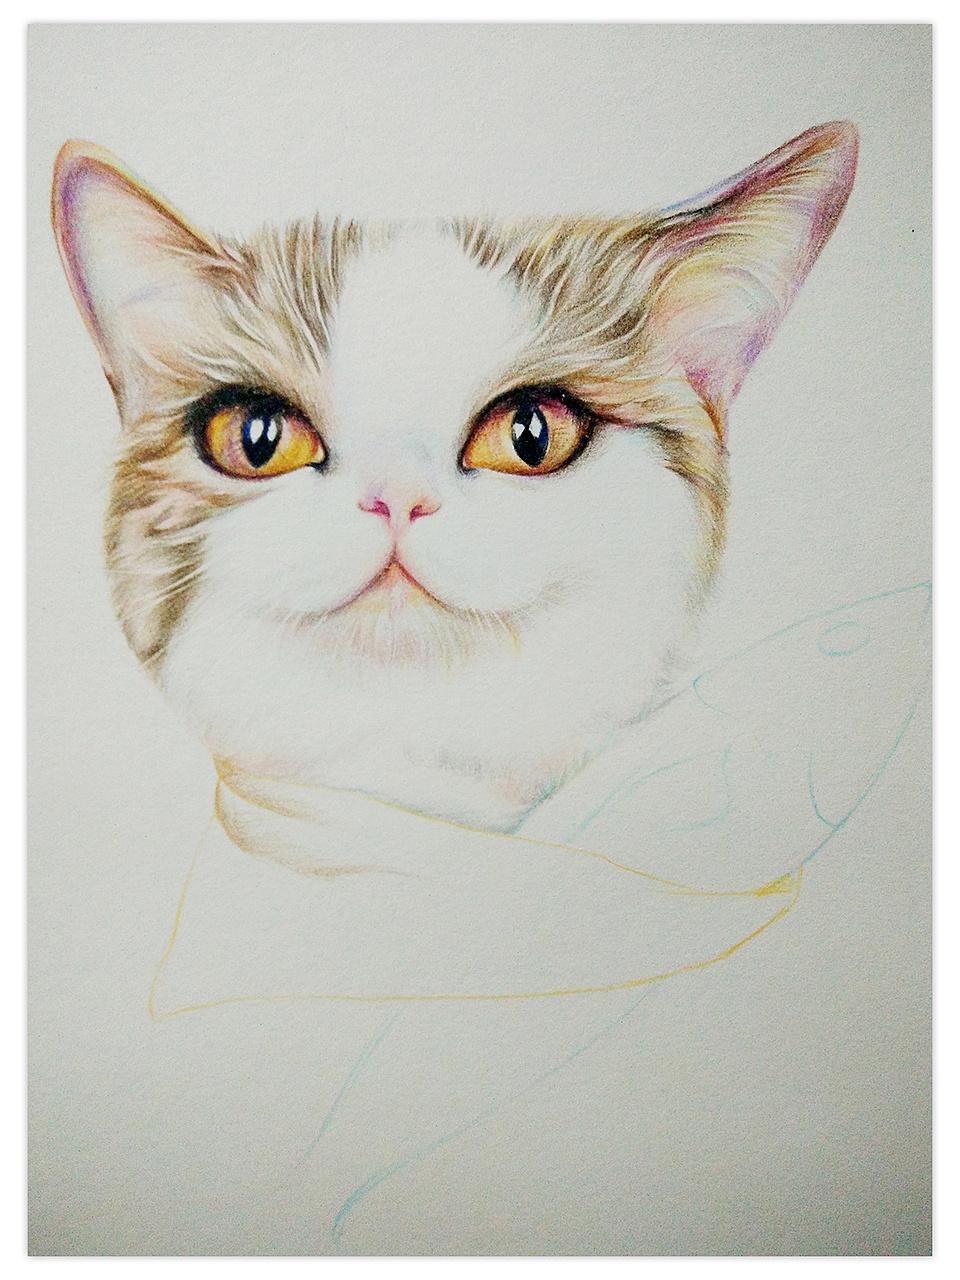 彩铅手绘手机壁纸